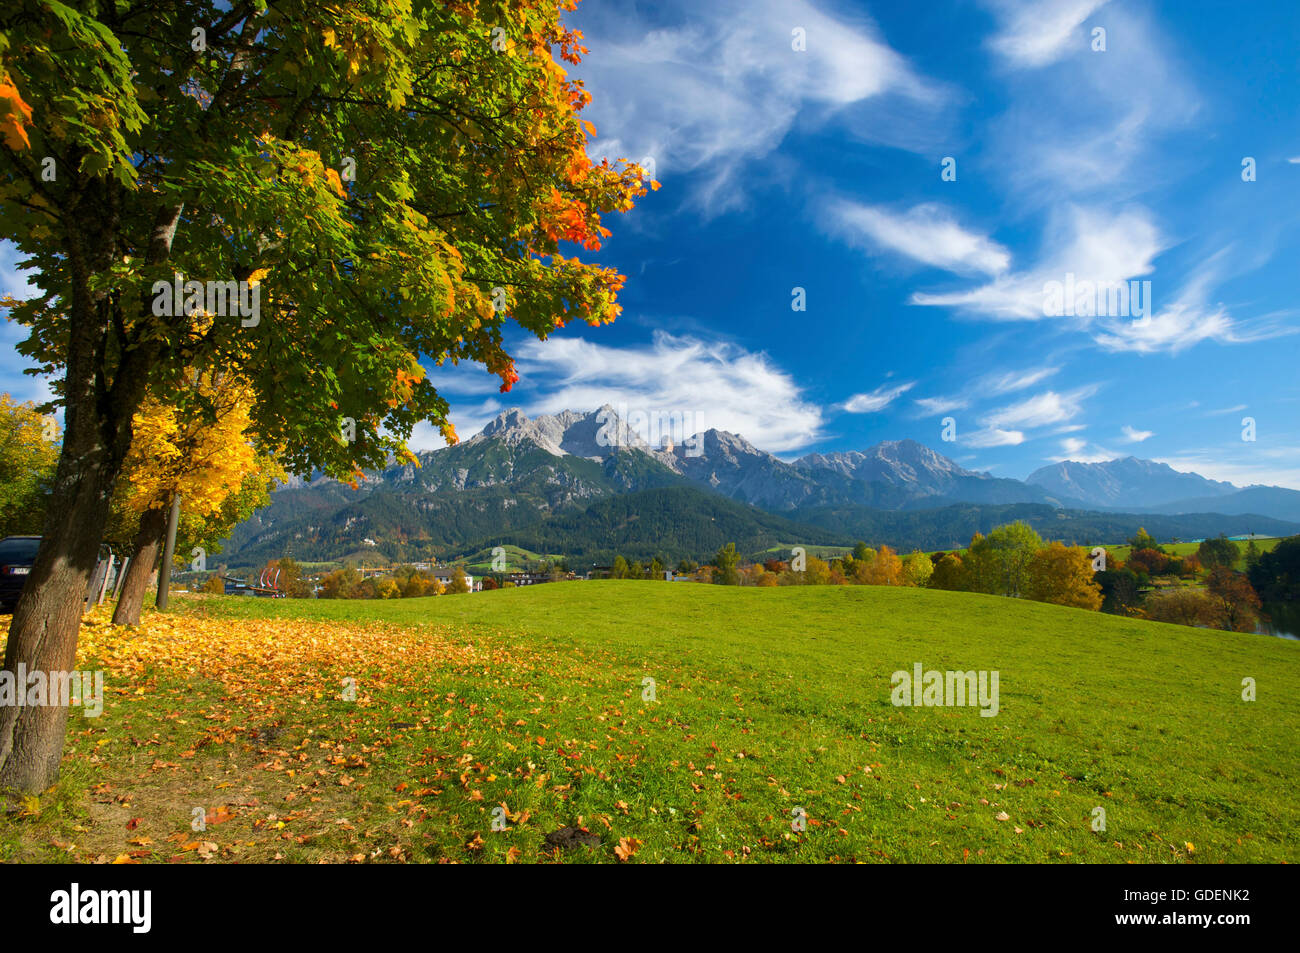 Blick von Saalfelden auf das Steinerne Meer, Pinzgau im Salzburger Land, Austria - Stock Image